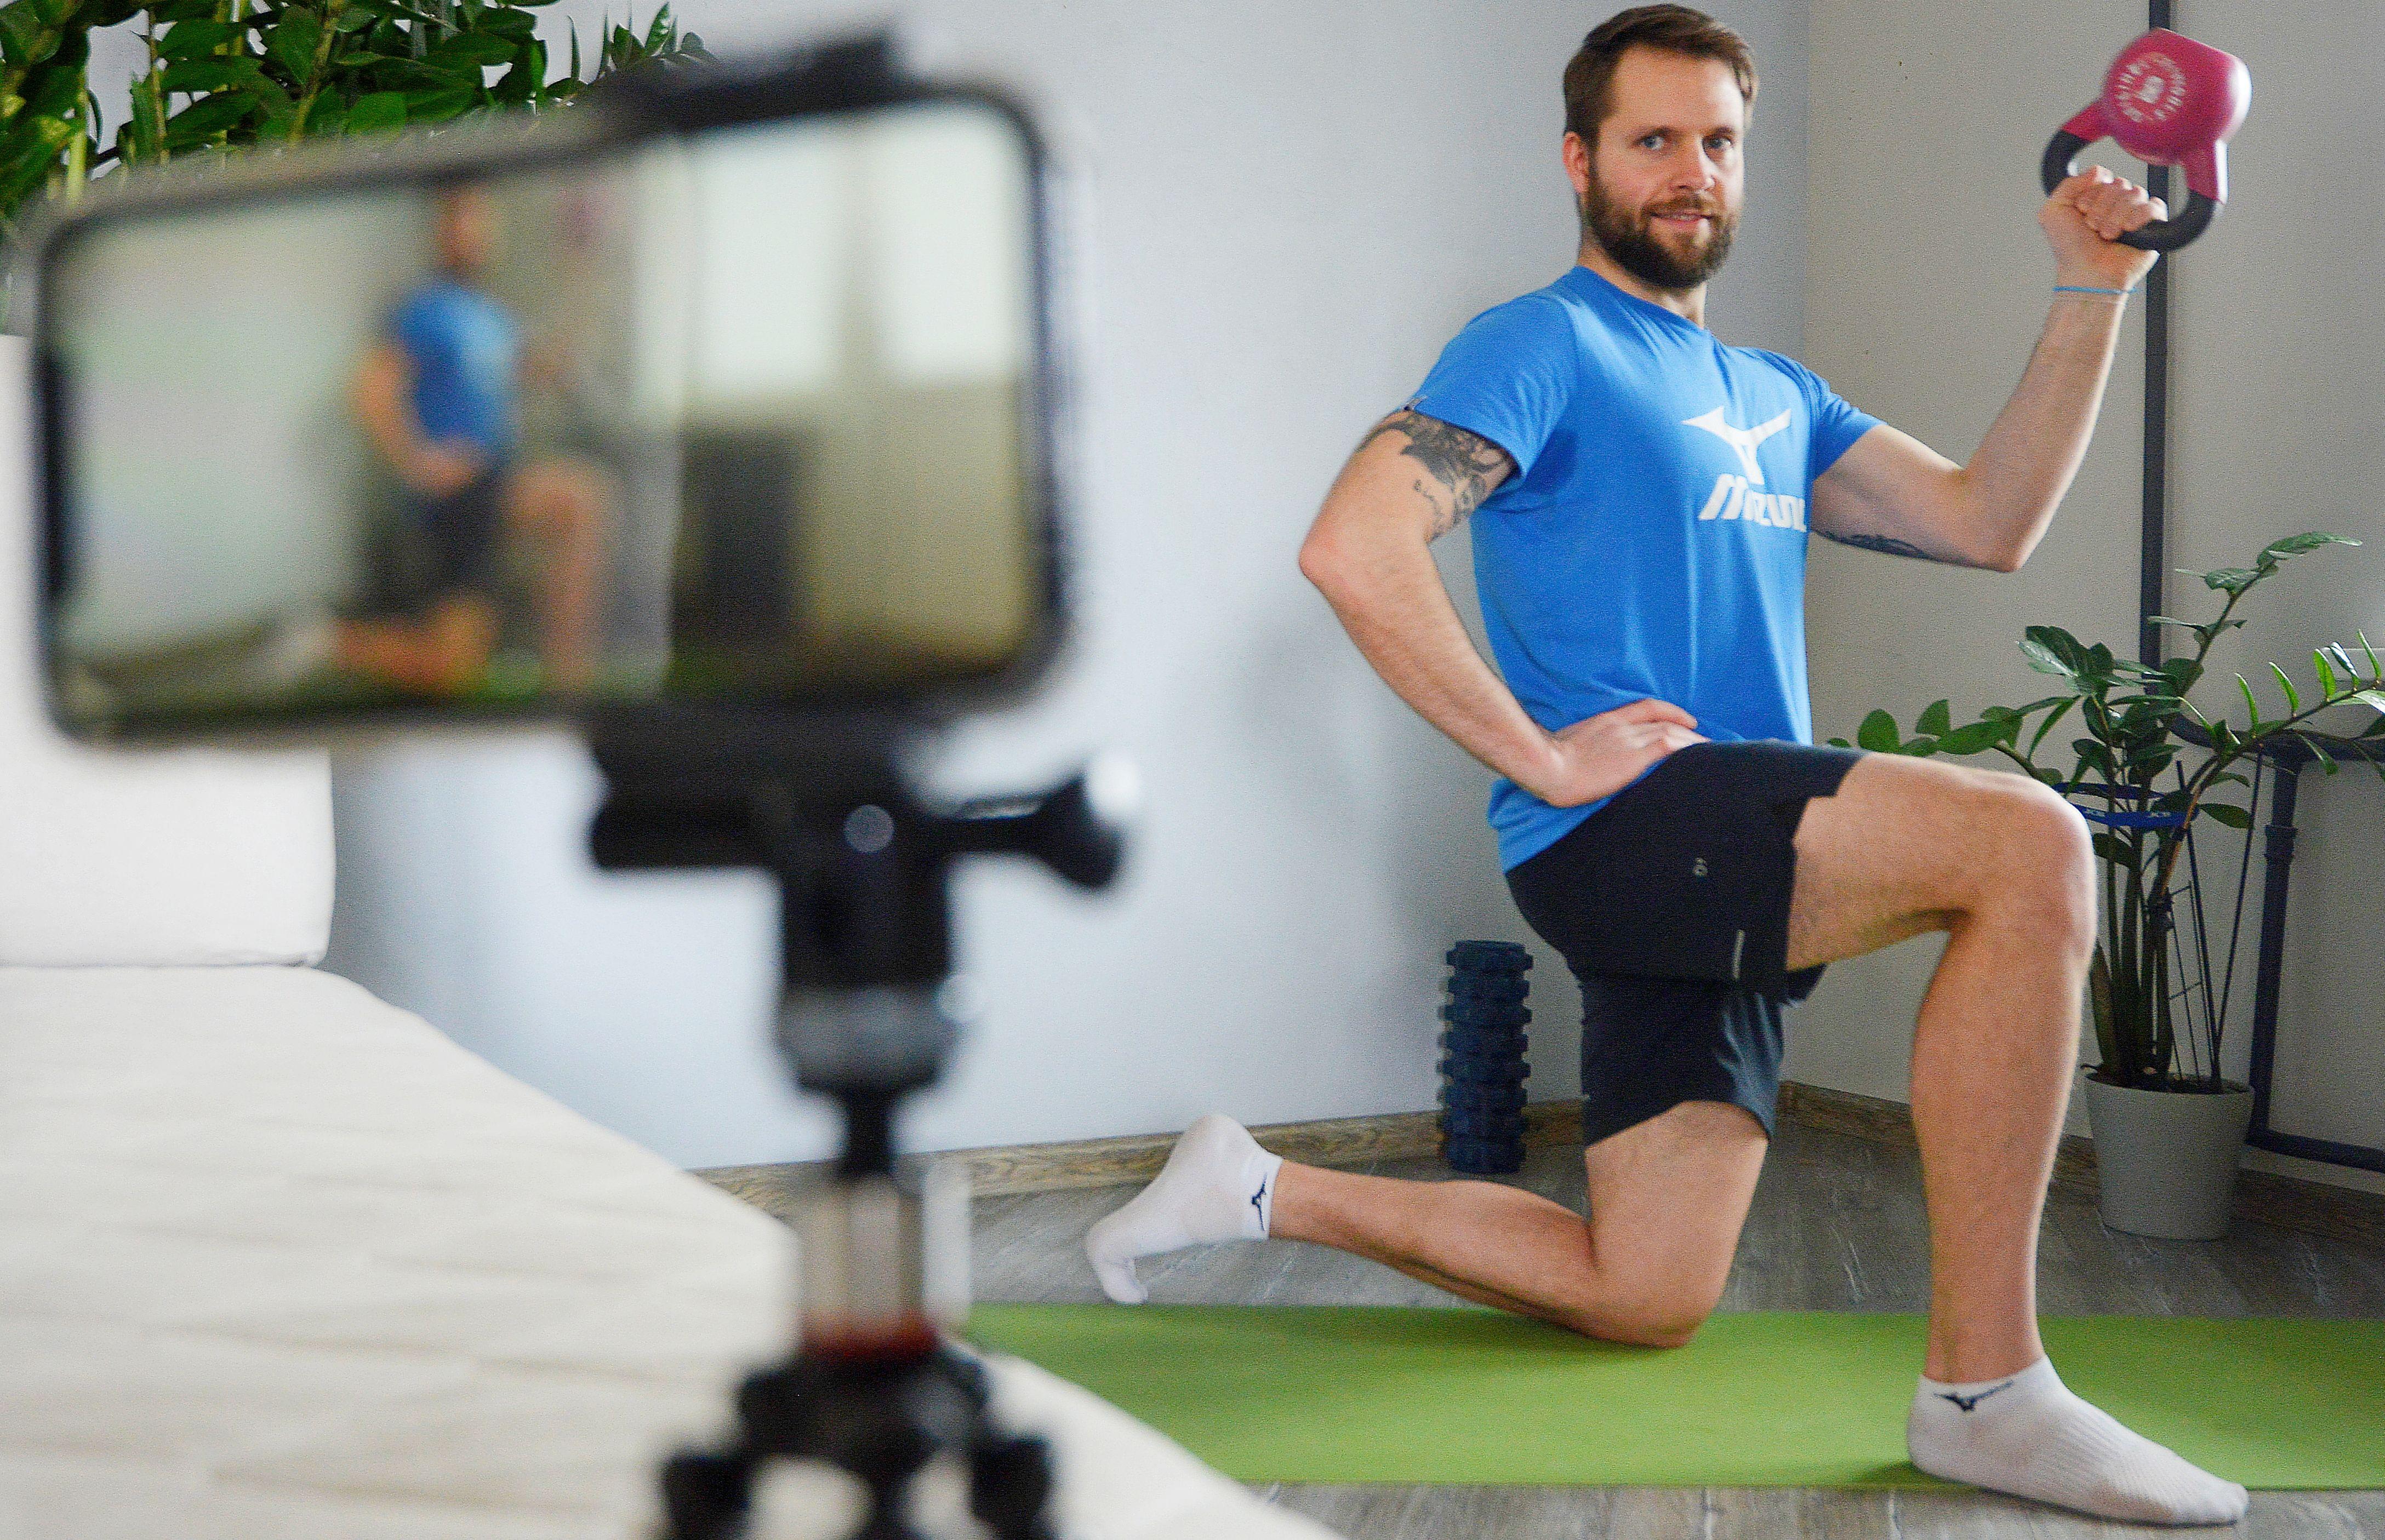 Москомспорт совместно с Яндекс.Эфиром запустили онлайн-проект «Домашние тренировки от российских спортсменов»